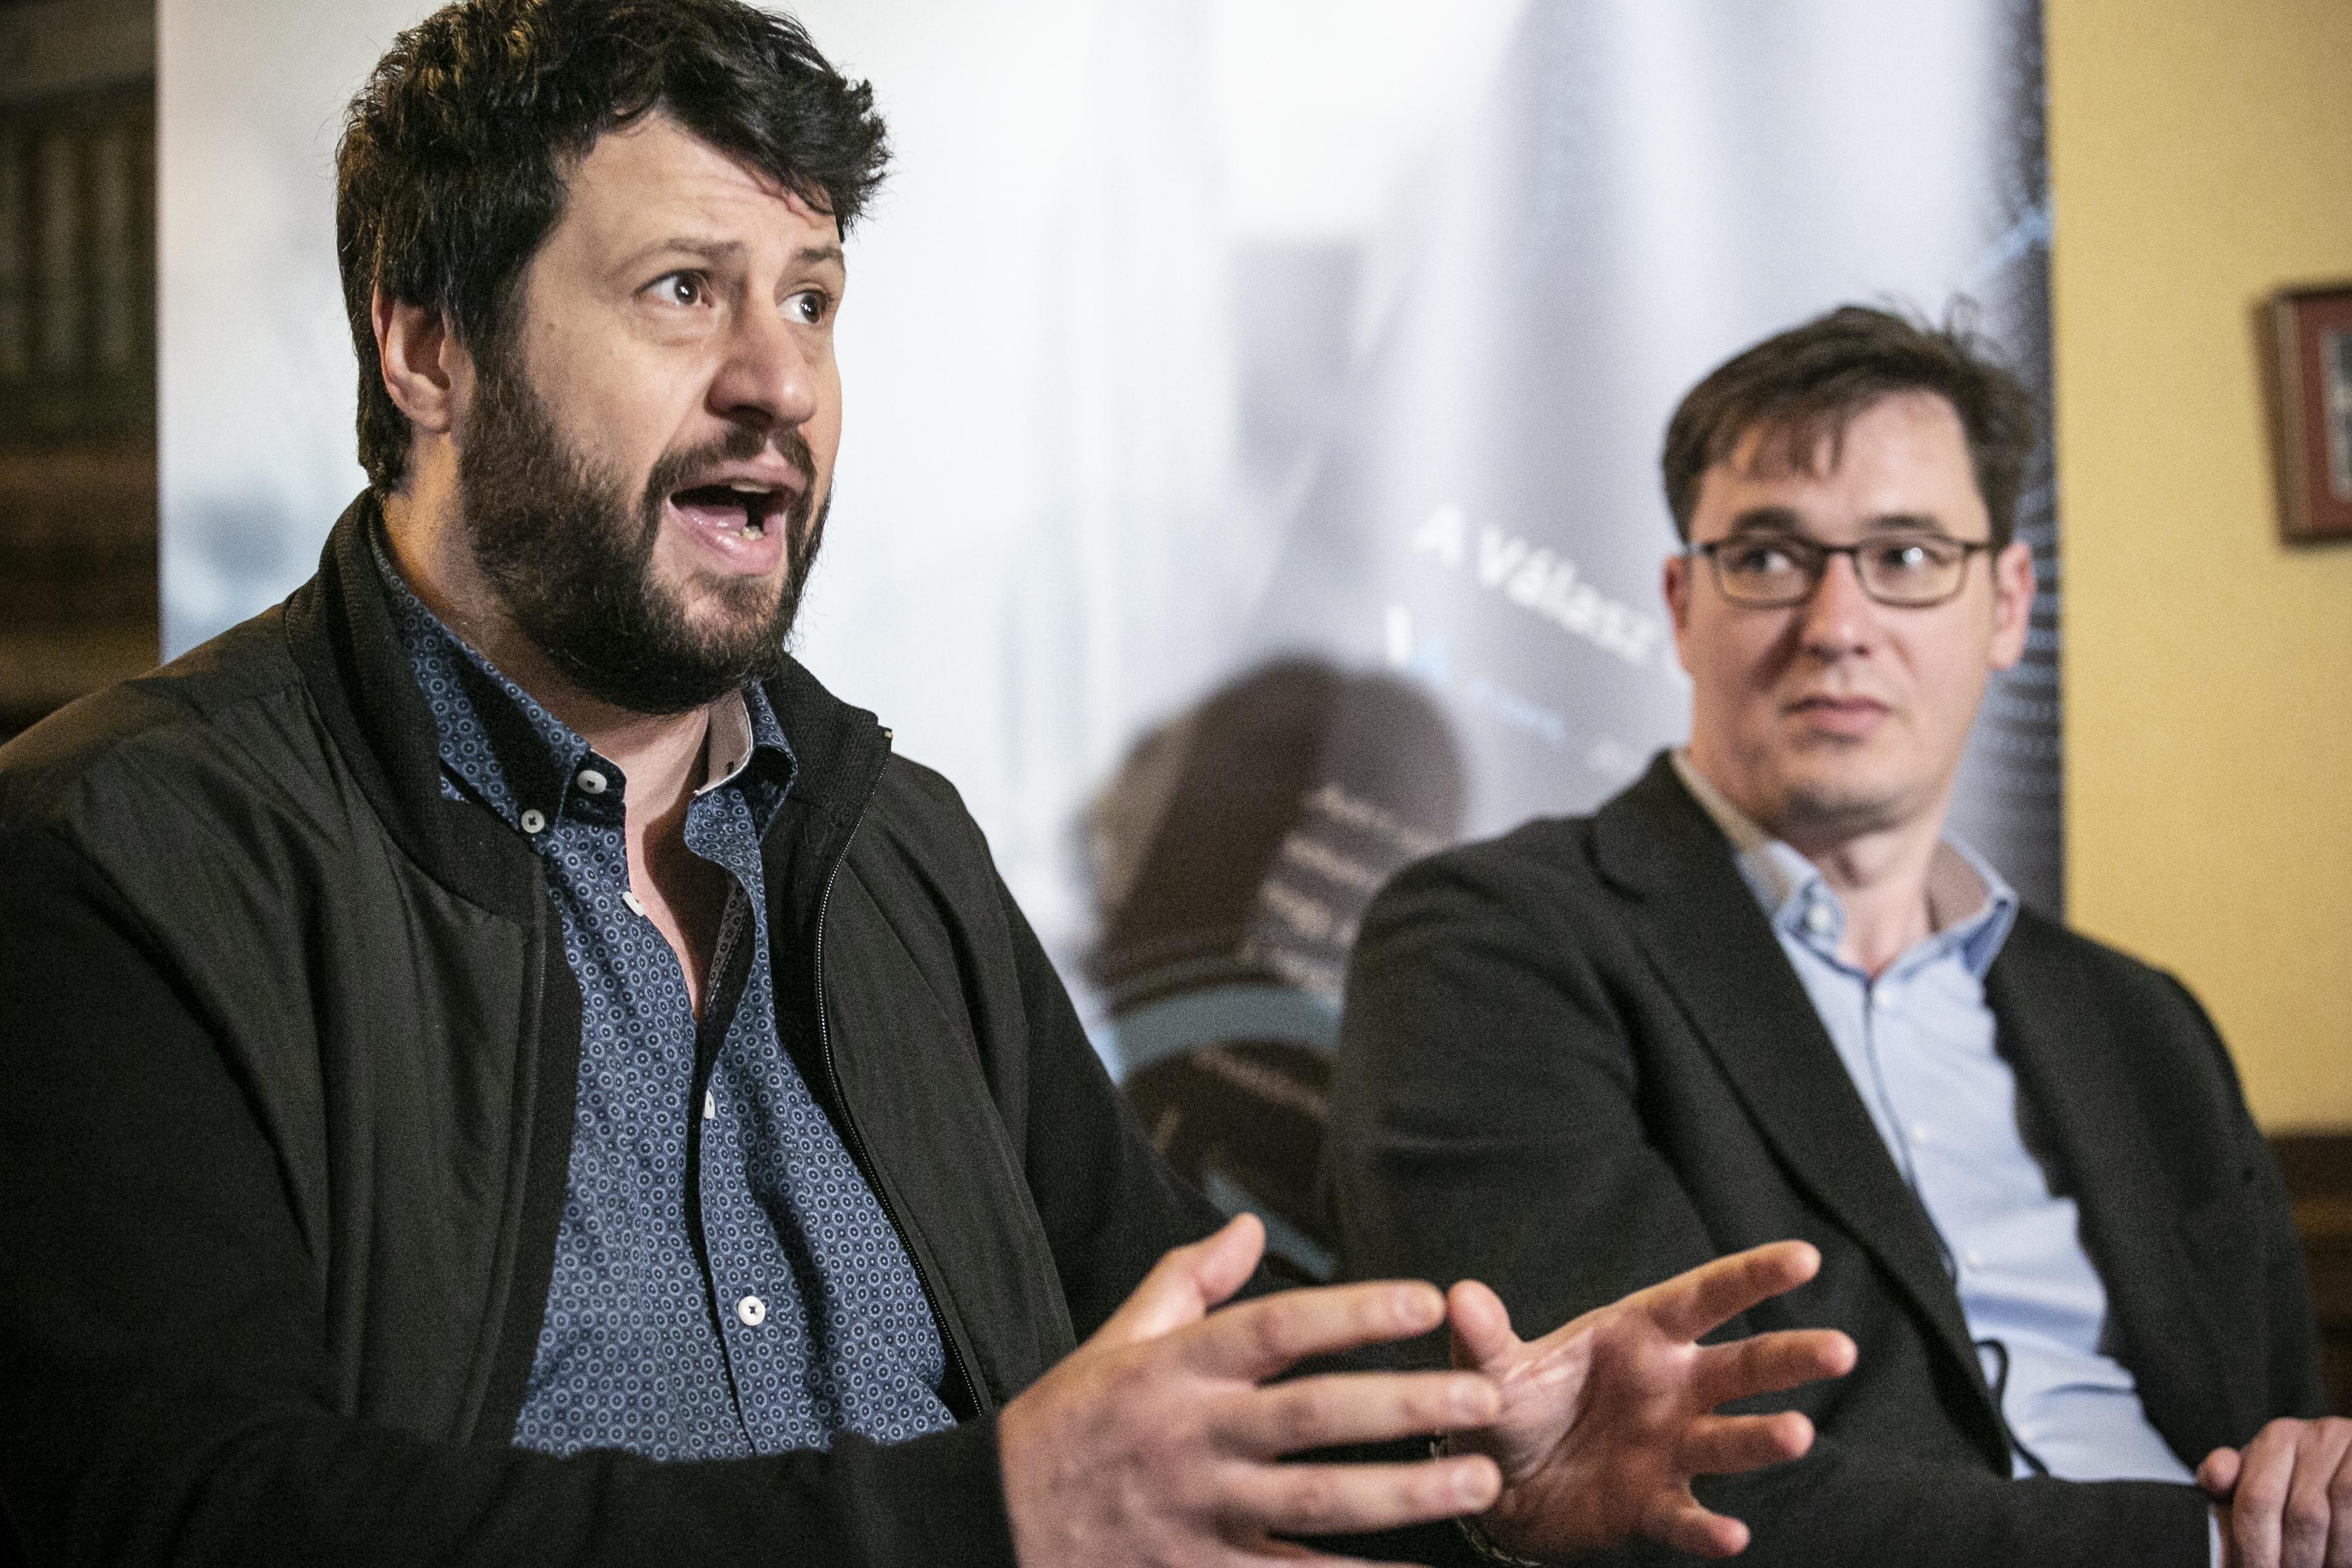 A momentumos Kerpel-Fronius kibékítené Karácsony Gergelyt és Puzsér Róbertet, hogy csak egy ellenzéki jelölt induljon Tarlós ellen Budapesten